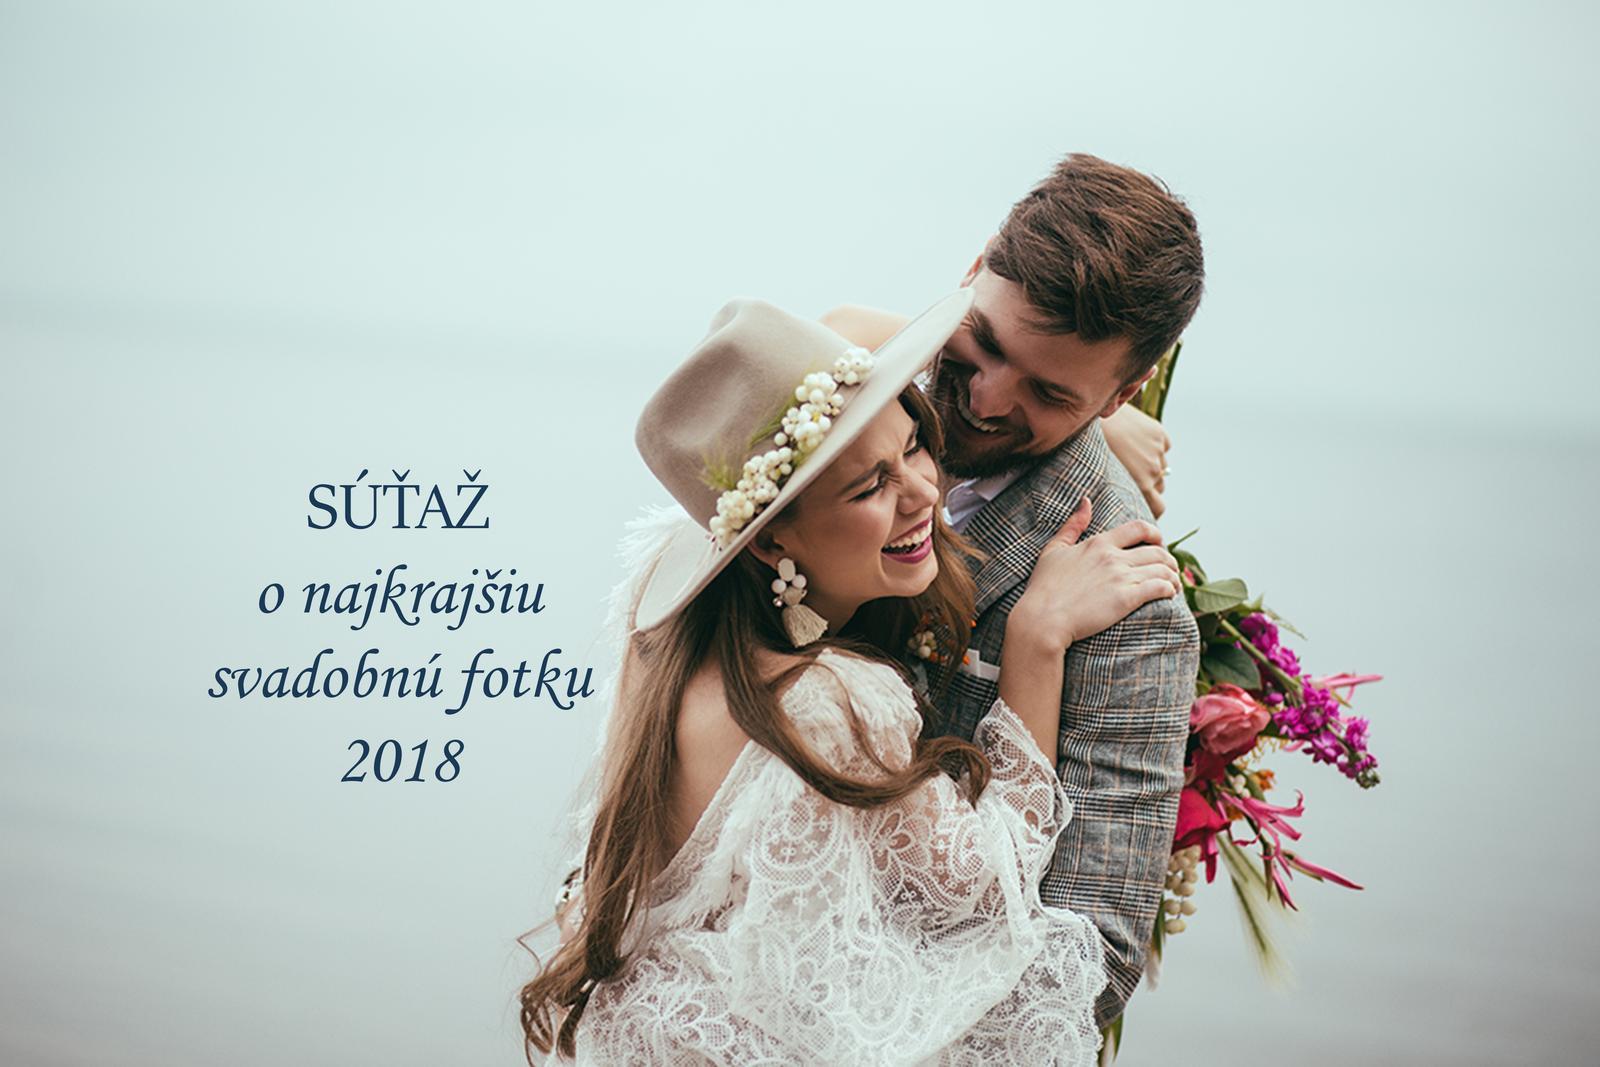 Minuloročné nevesty, dúfam, že ste ešte tu :) Práve sme spustili Súťaž o najkrajšiu svadobnú fotku roku 2018: https://www.mojasvadba.sk/forum/mojasvadba-sk/sutaz-hladame-najkrajsiu-svadobnu-fotku-roka-2018-na-www-mojasvadba-sk/?lastref=hp&post=last&page=last  Zapojíte sa do súťaže aj vy? Mohli by sme si minuloročnú skvelú svadobnú sezónu ešte poslednýkrát zrekapitulovať, pripomenúť si tie nádherné svadobné okamihy, ktoré ste prežili a ako bonus 3 z vás môžu získať malé ceny :) - Obrázok č. 1